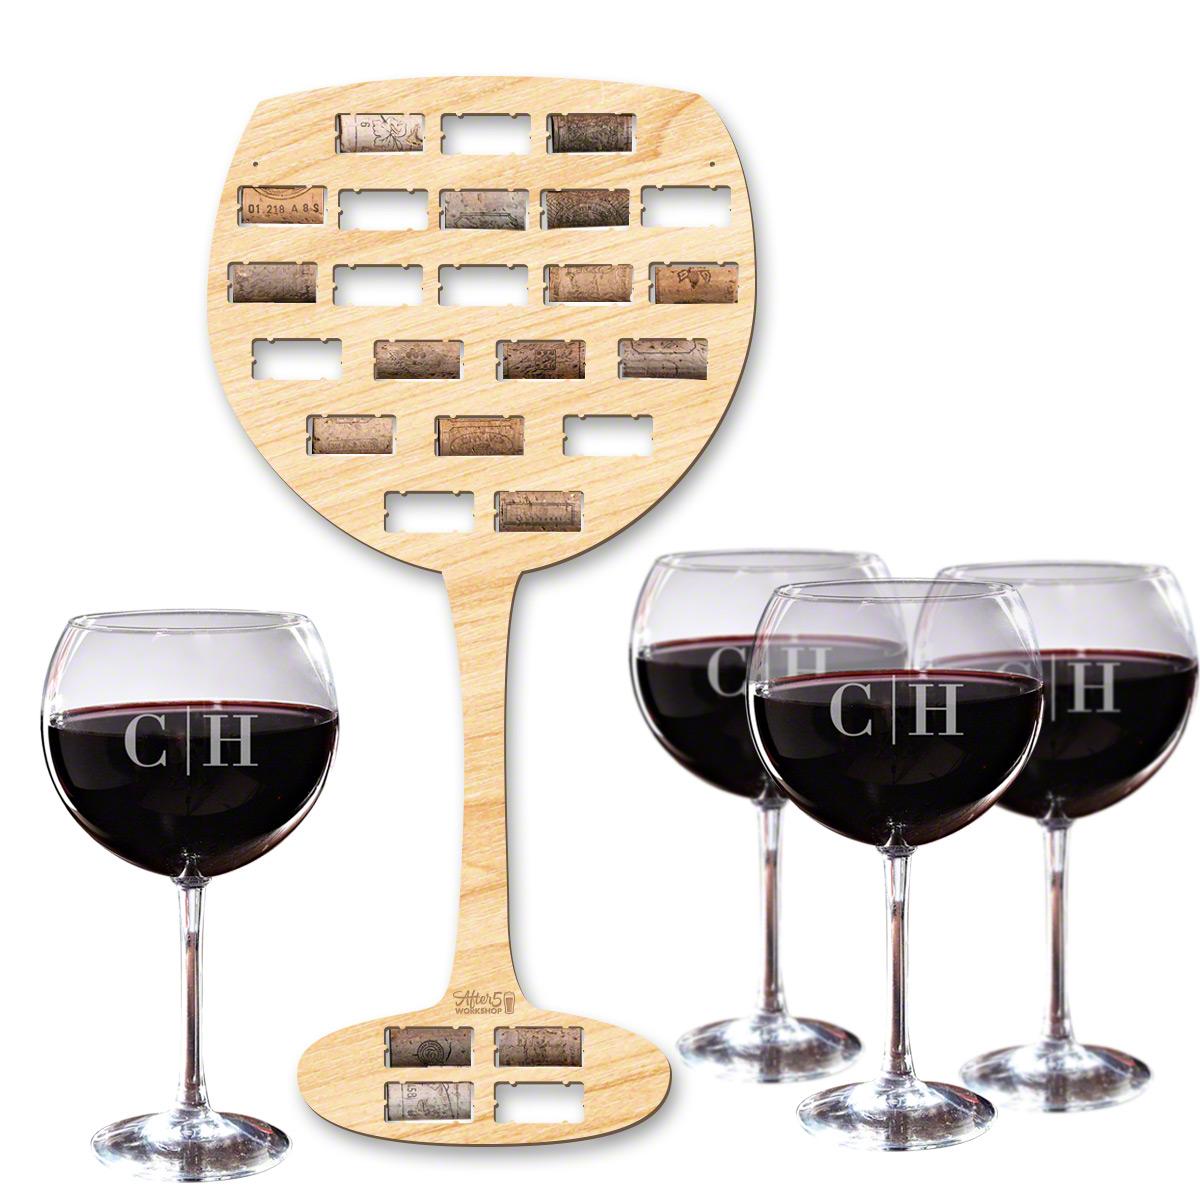 Wine Glass Wine Cork Holder and Custom Wine Glasses